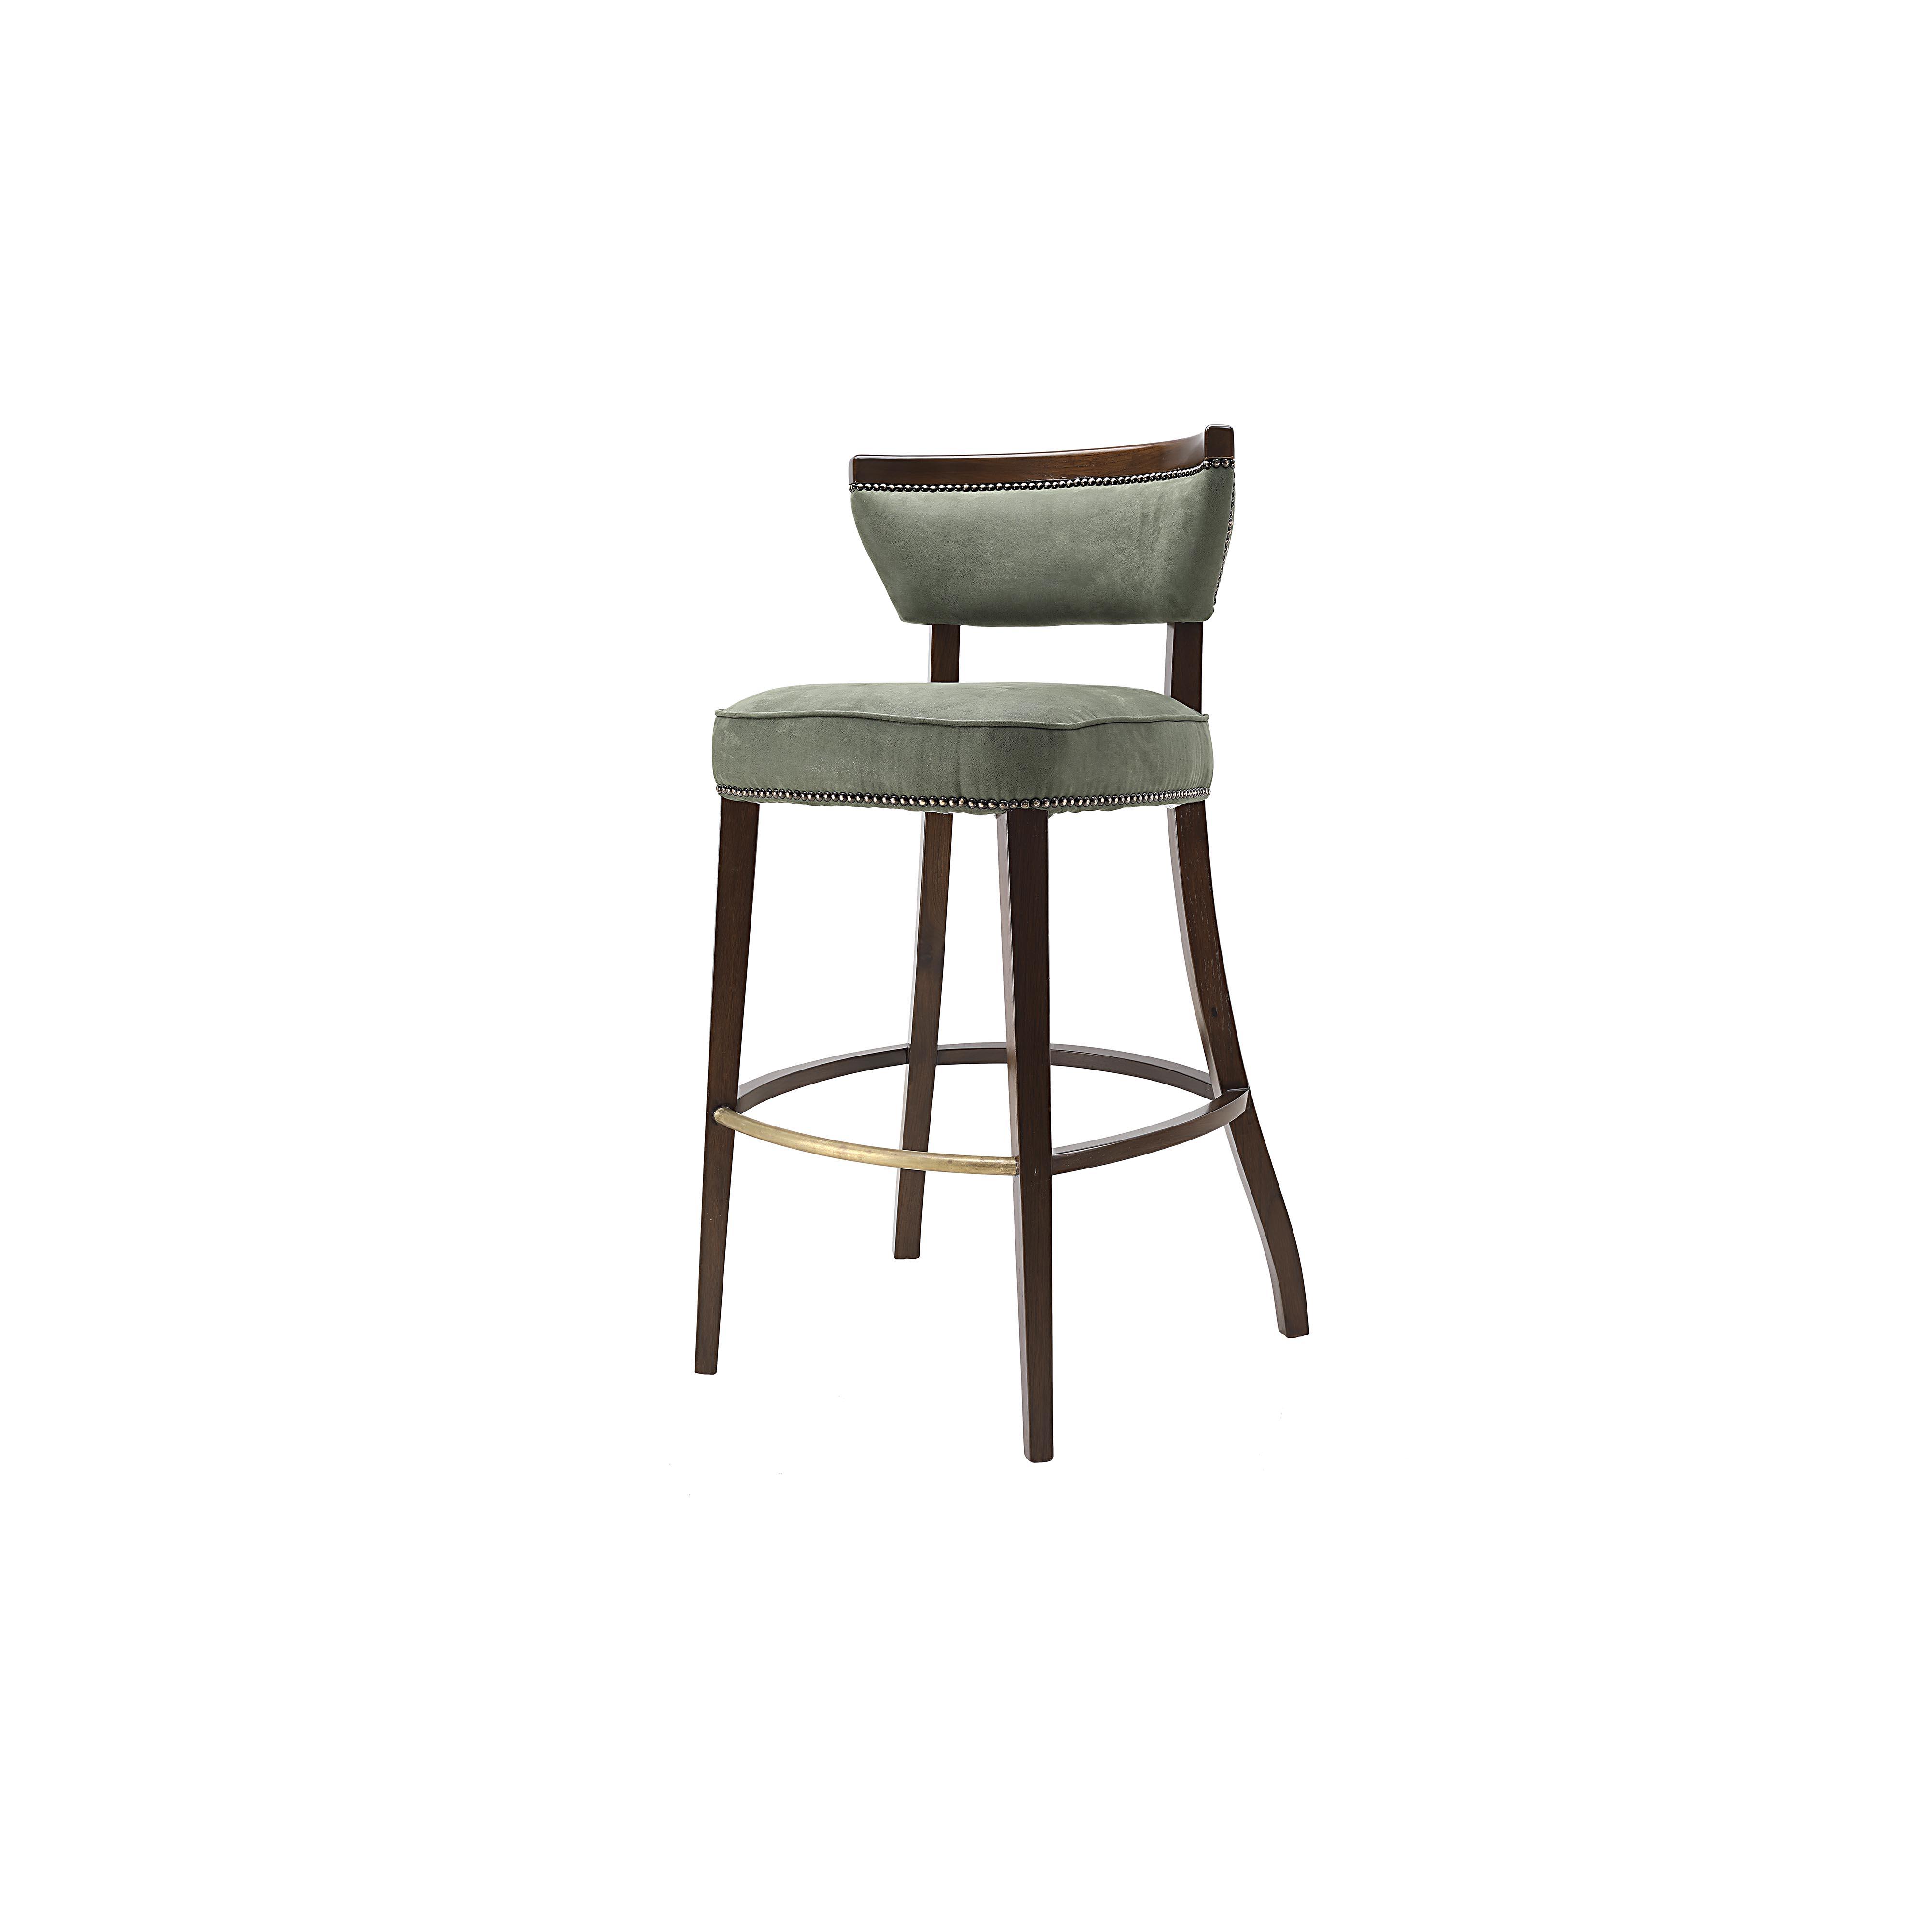 Alex bar chair